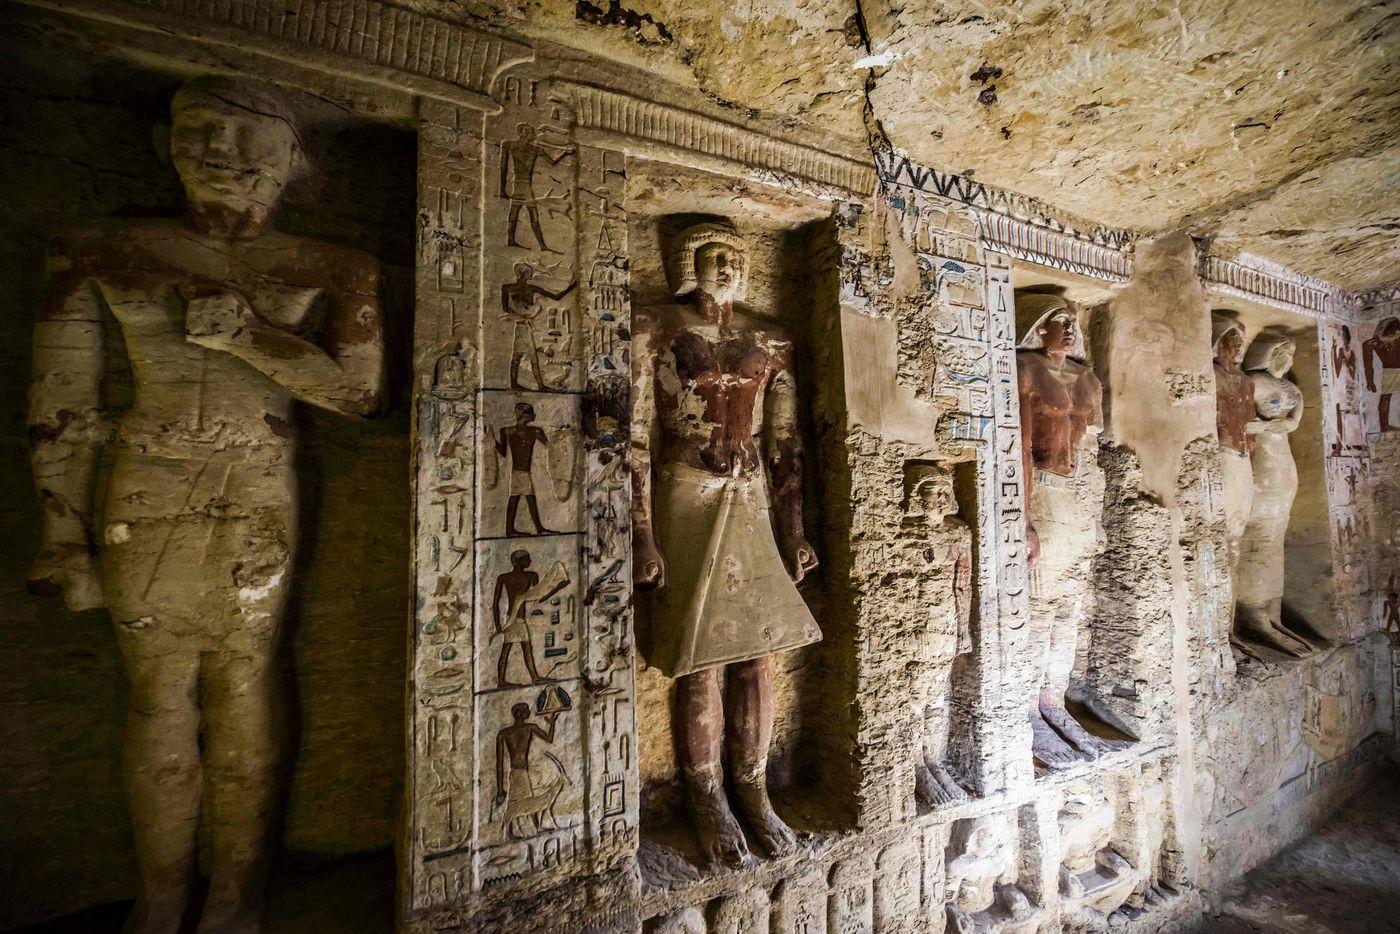 السياحةوالأثار: تطلق فيلم قصير عن الأكتشاف الأثري الجديد بسقارة- شاهد